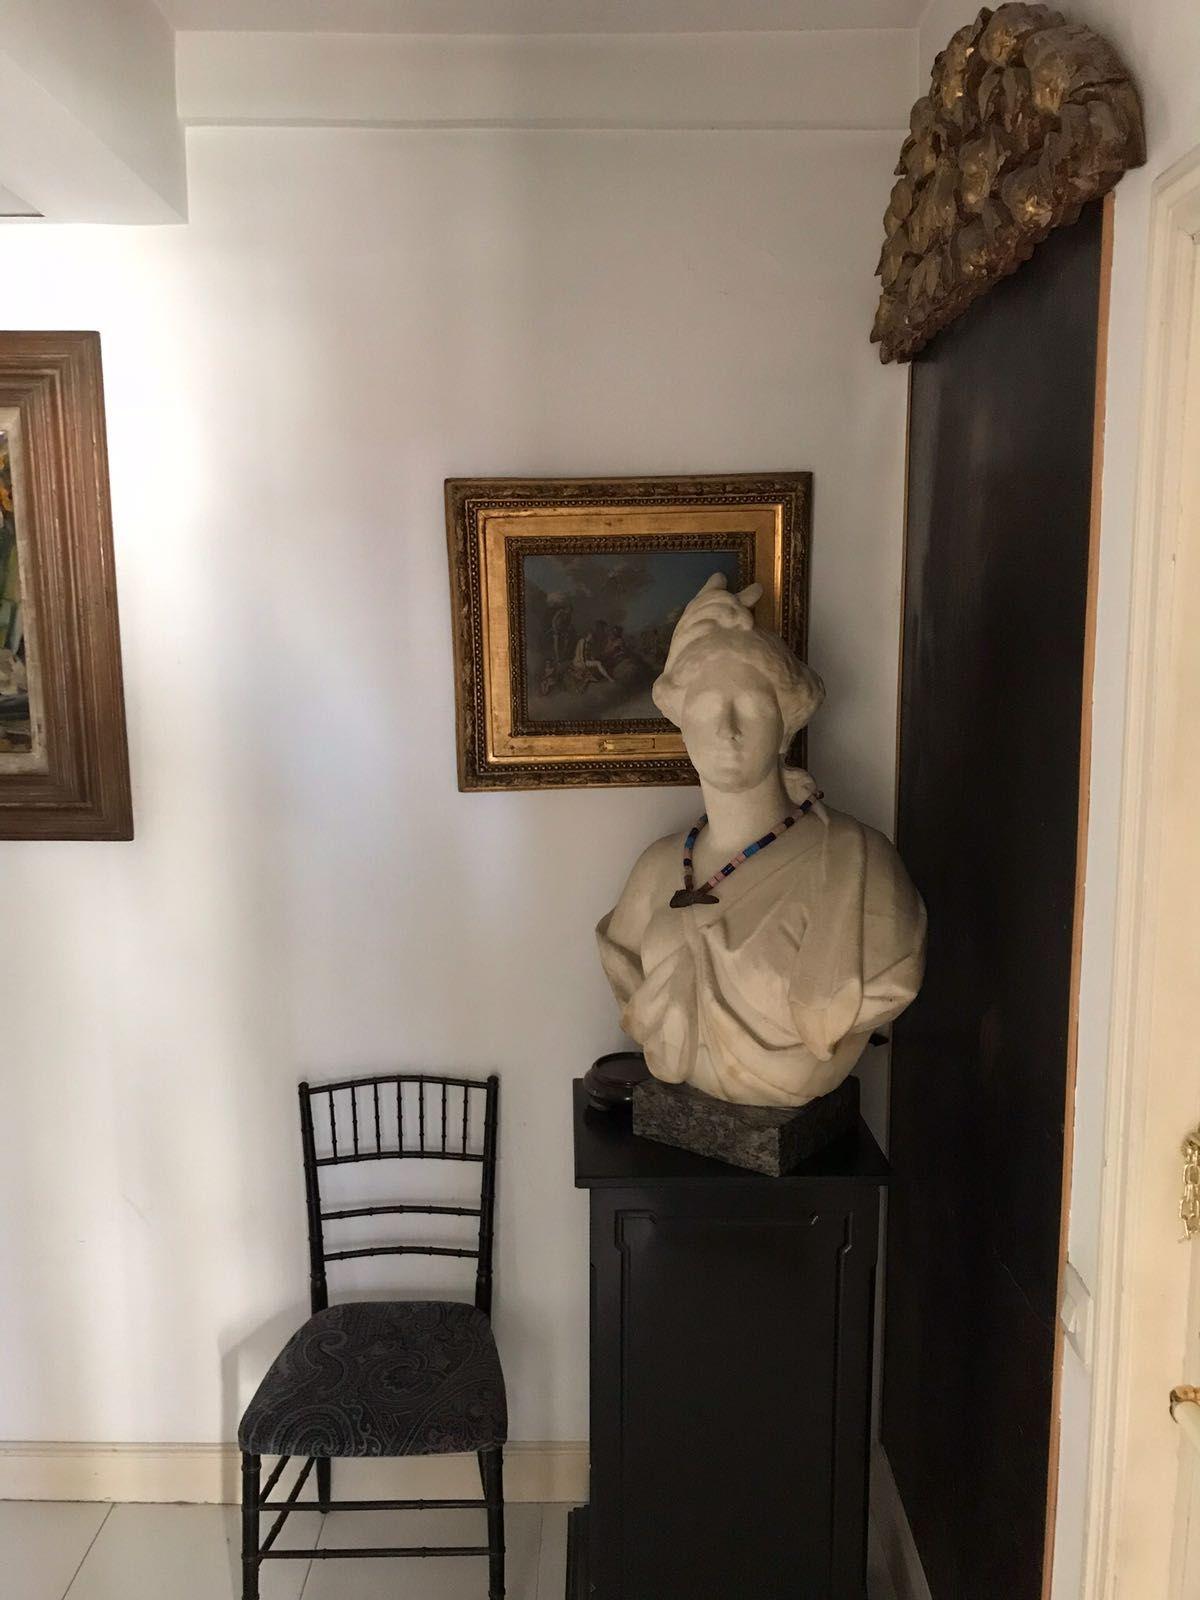 Foto 12 de Galerías de arte y salas de exposiciones en Cartagena | Arte & Antigüedades Federico Robles Perez